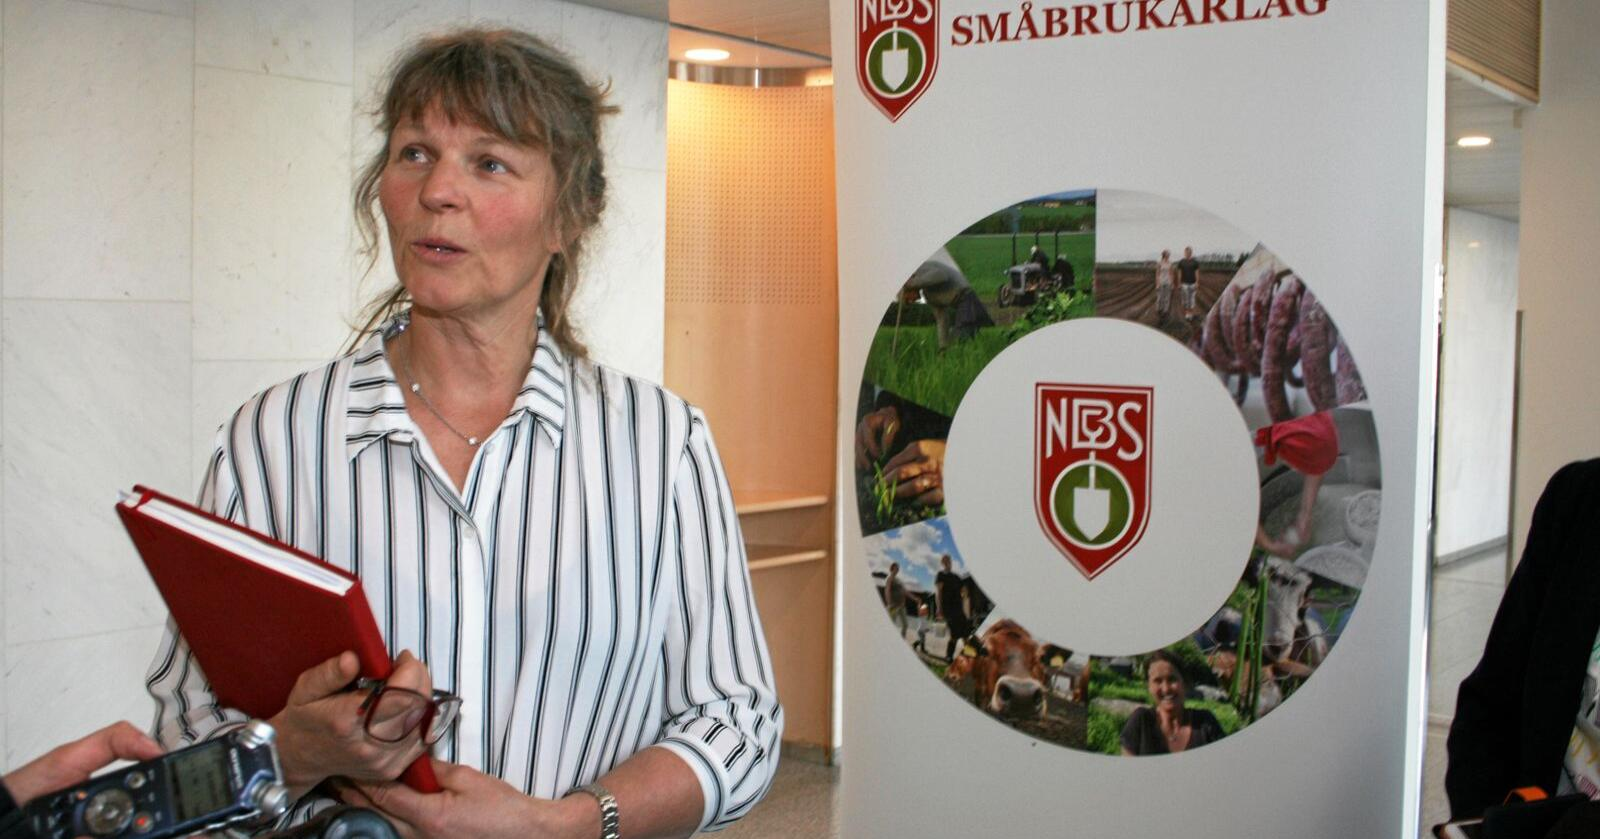 Får oppmoding: Leiar i Norsk Bonde- og Småbrukarlag, Kjersti Hoff. Foto: Bjarne Bekkeheien Aase